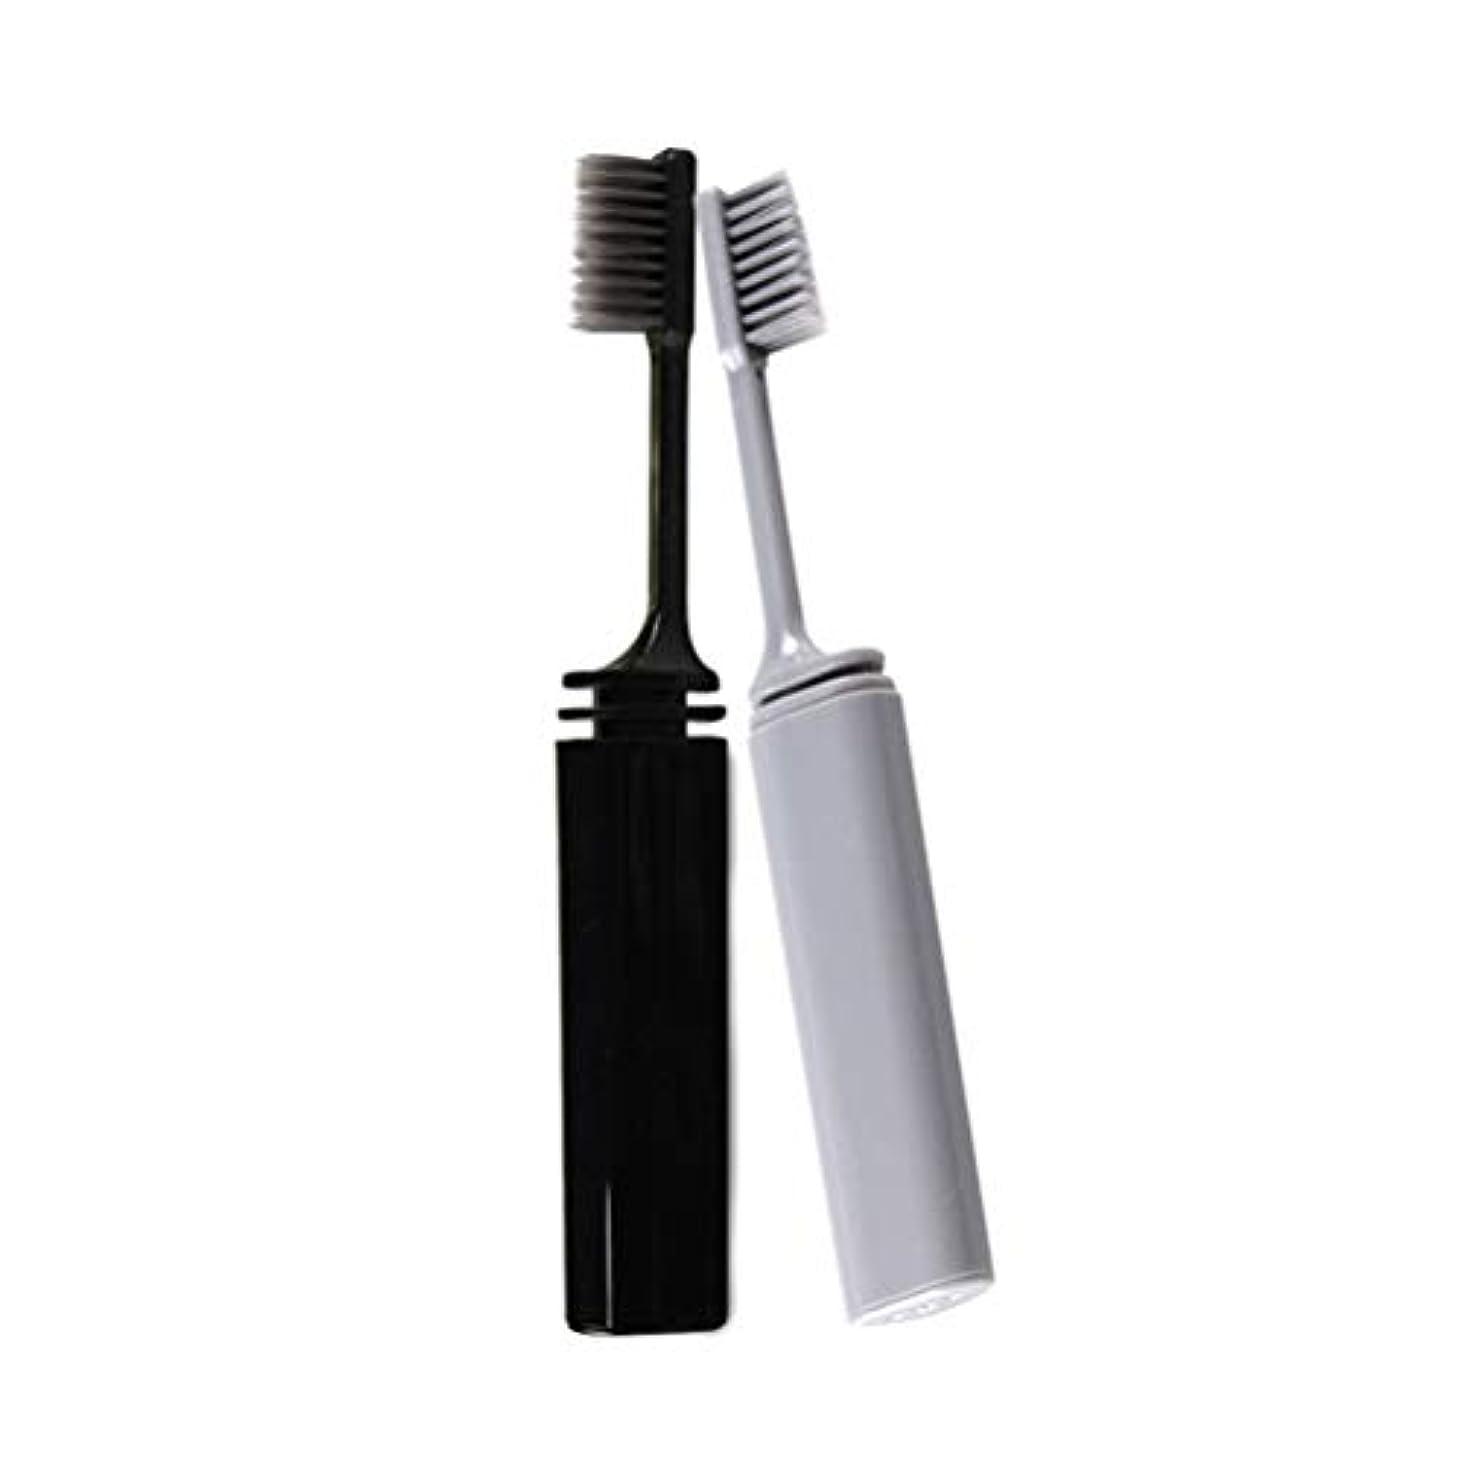 同志瞬時にチップHealifty 旅行用携帯用歯ブラシ折りたたみ竹炭歯ブラシ2本(グレー+ブラック)